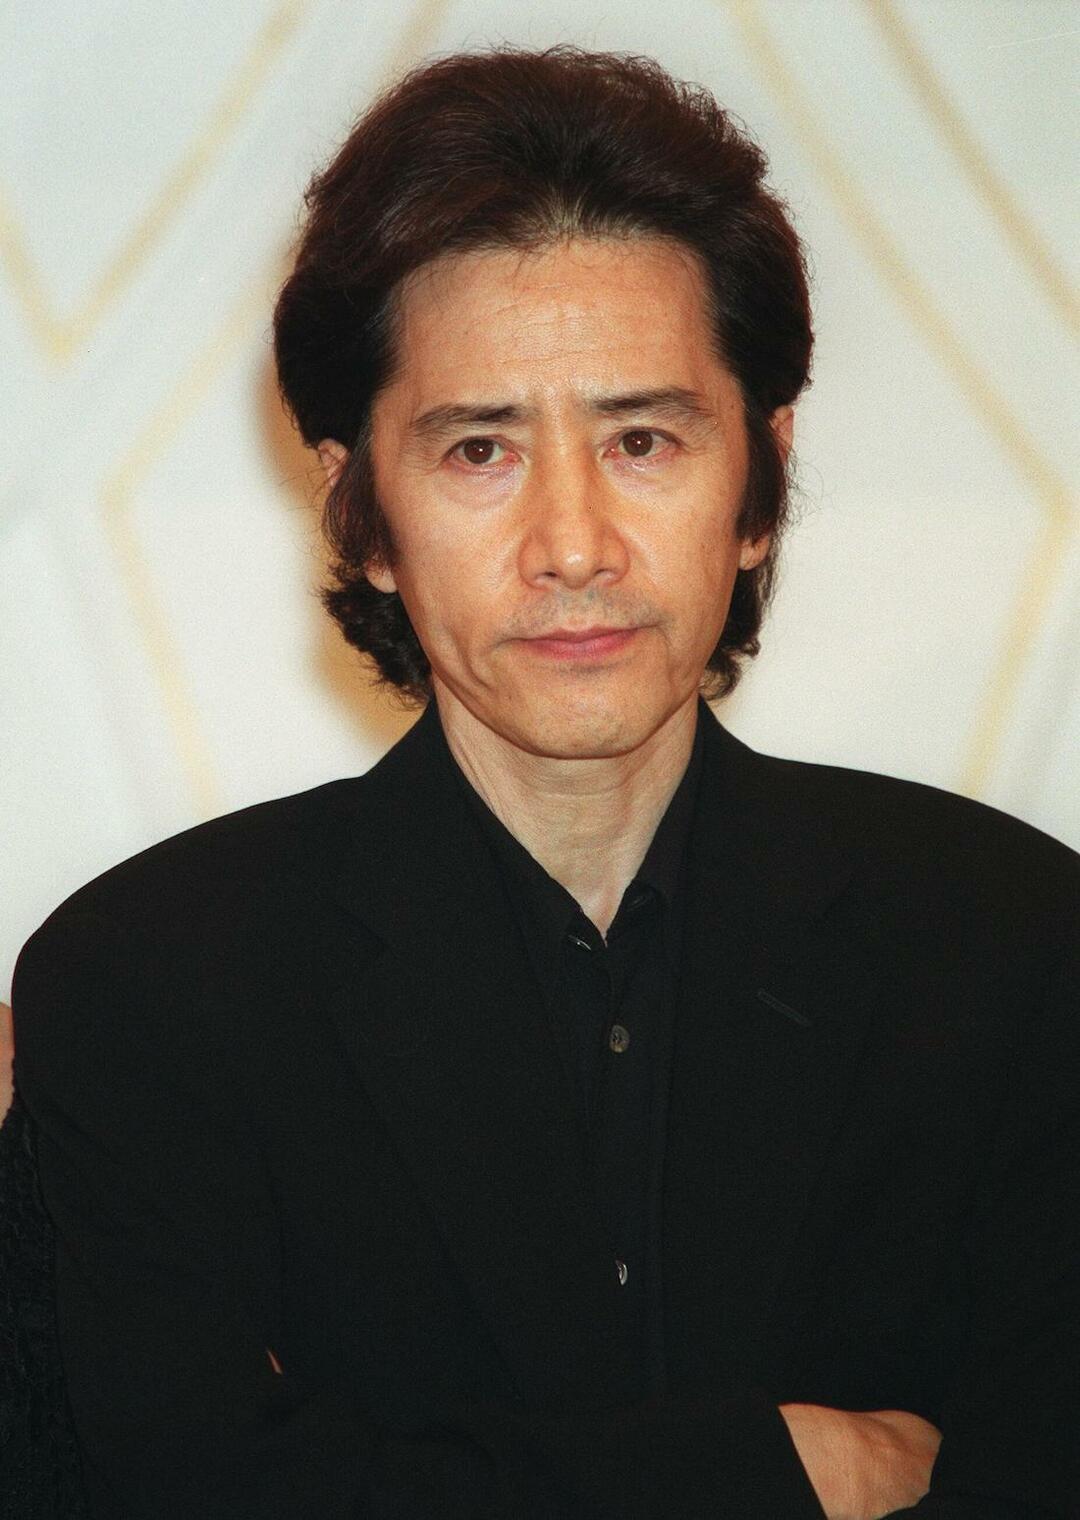 田村正和さんの代表作、『古畑任三郎』が国民的大ヒットドラマになったワケ